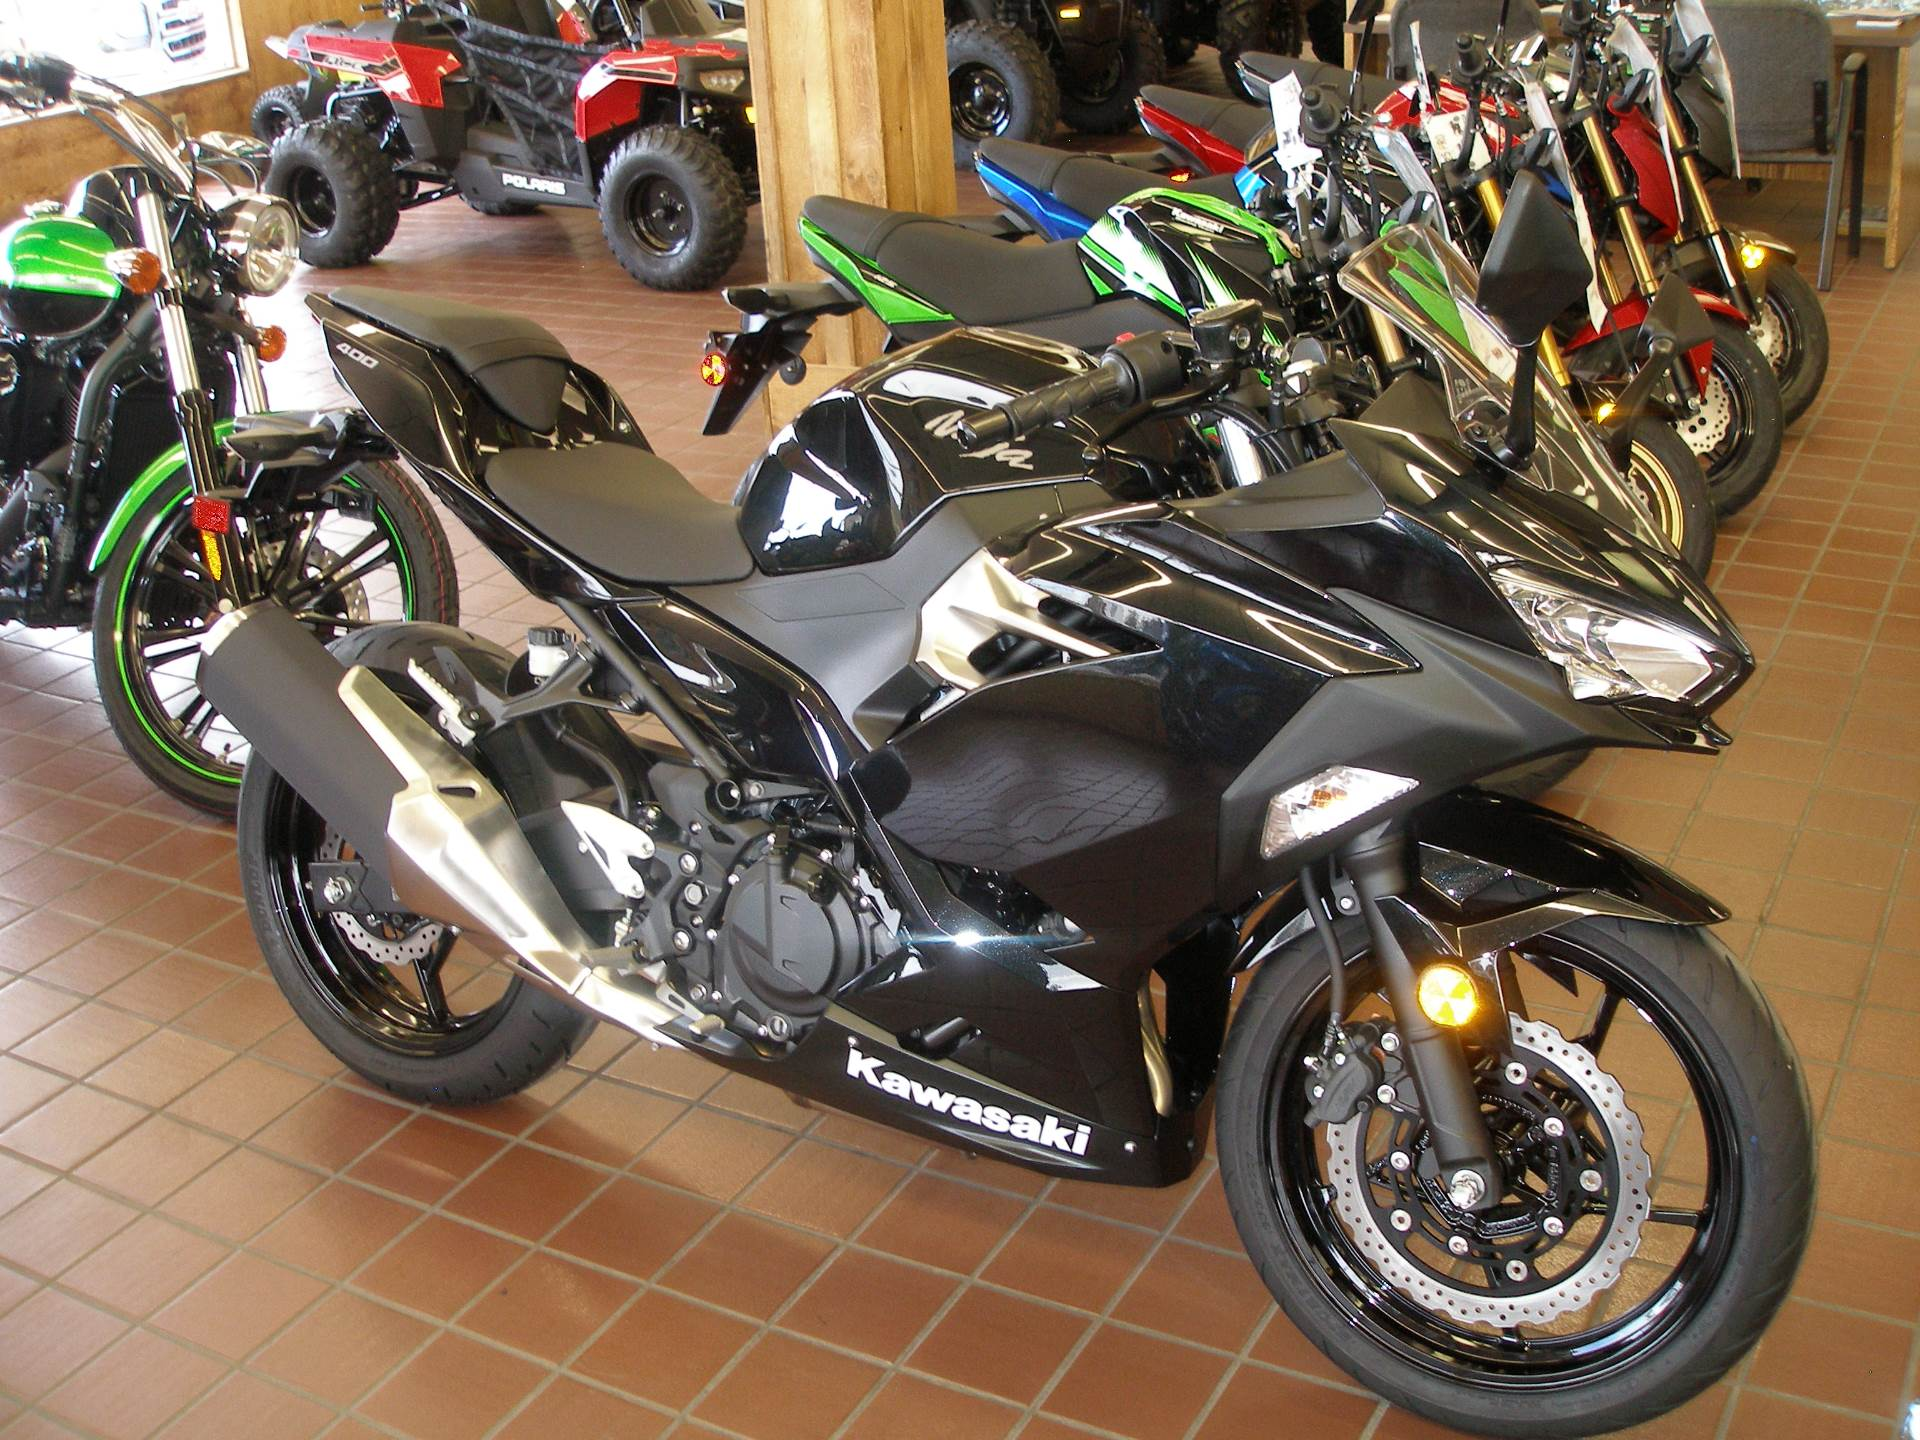 2018 Kawasaki Ninja 400 Motorcycles Abilene Texas N/A